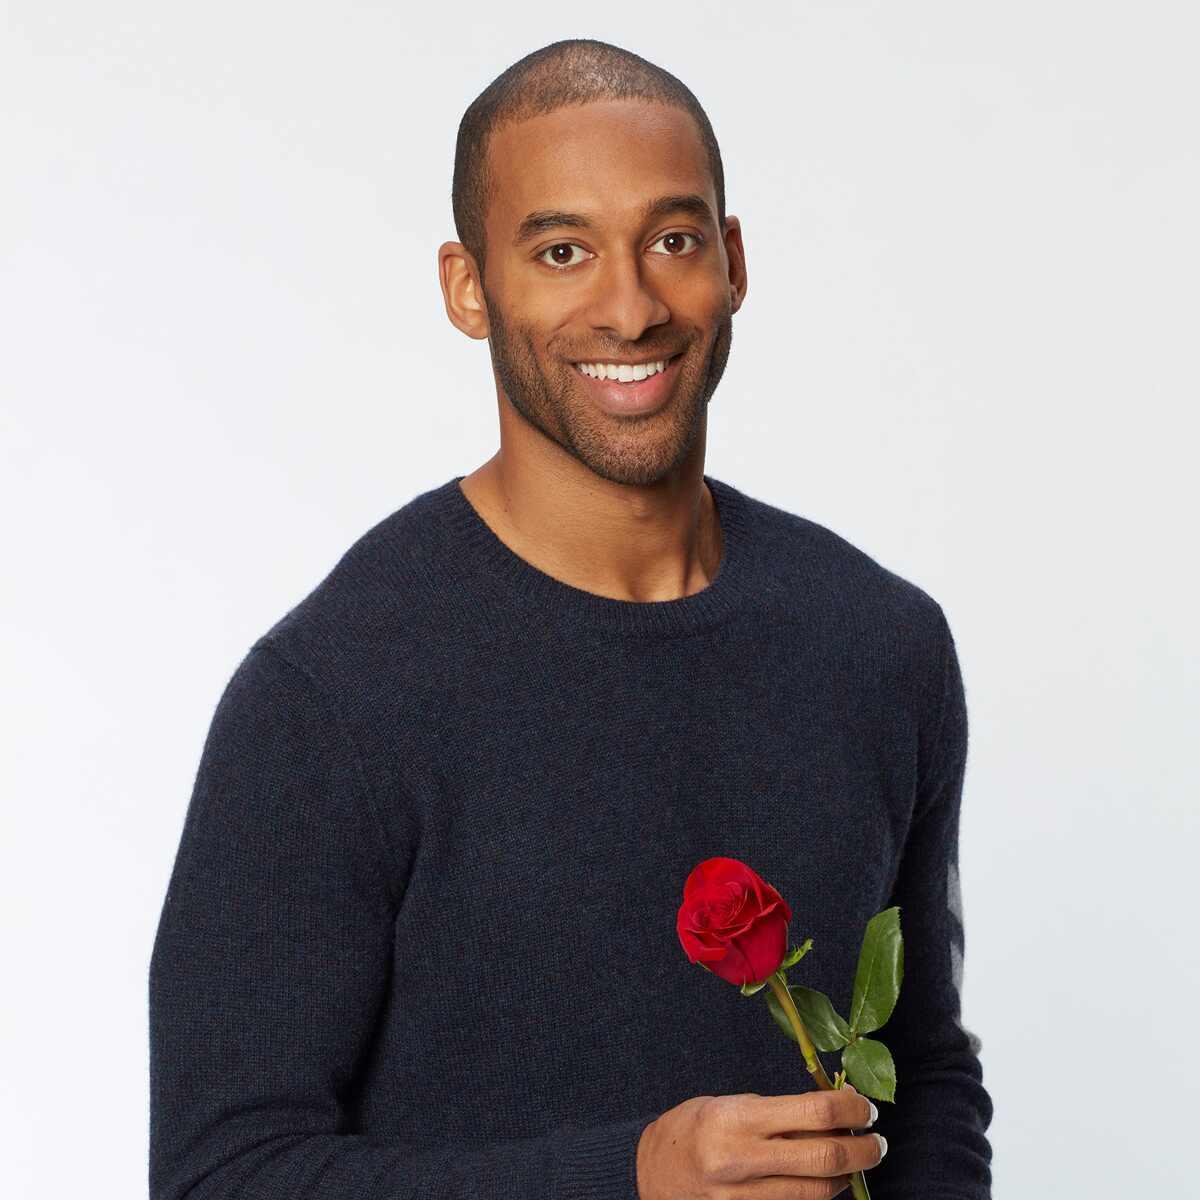 Matt James, The Bachelor